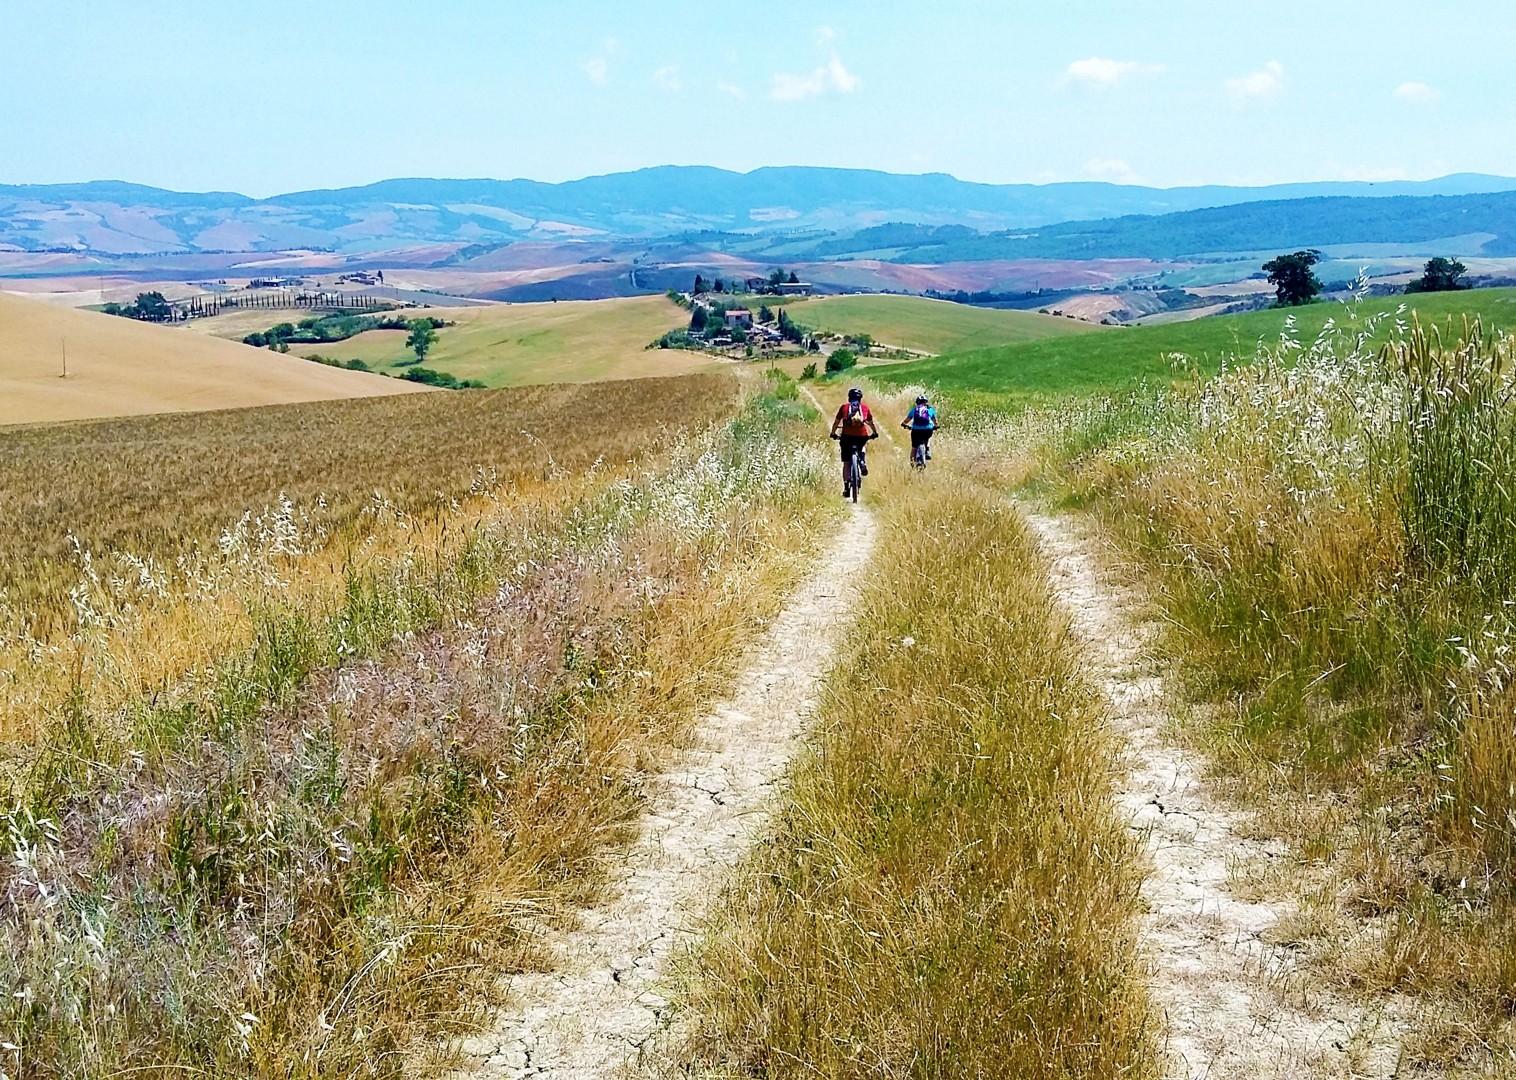 20170605_113843.jpg - Italy - Via Francigena (Tuscany to Rome) - Guided Mountain Biking Holiday - Mountain Biking